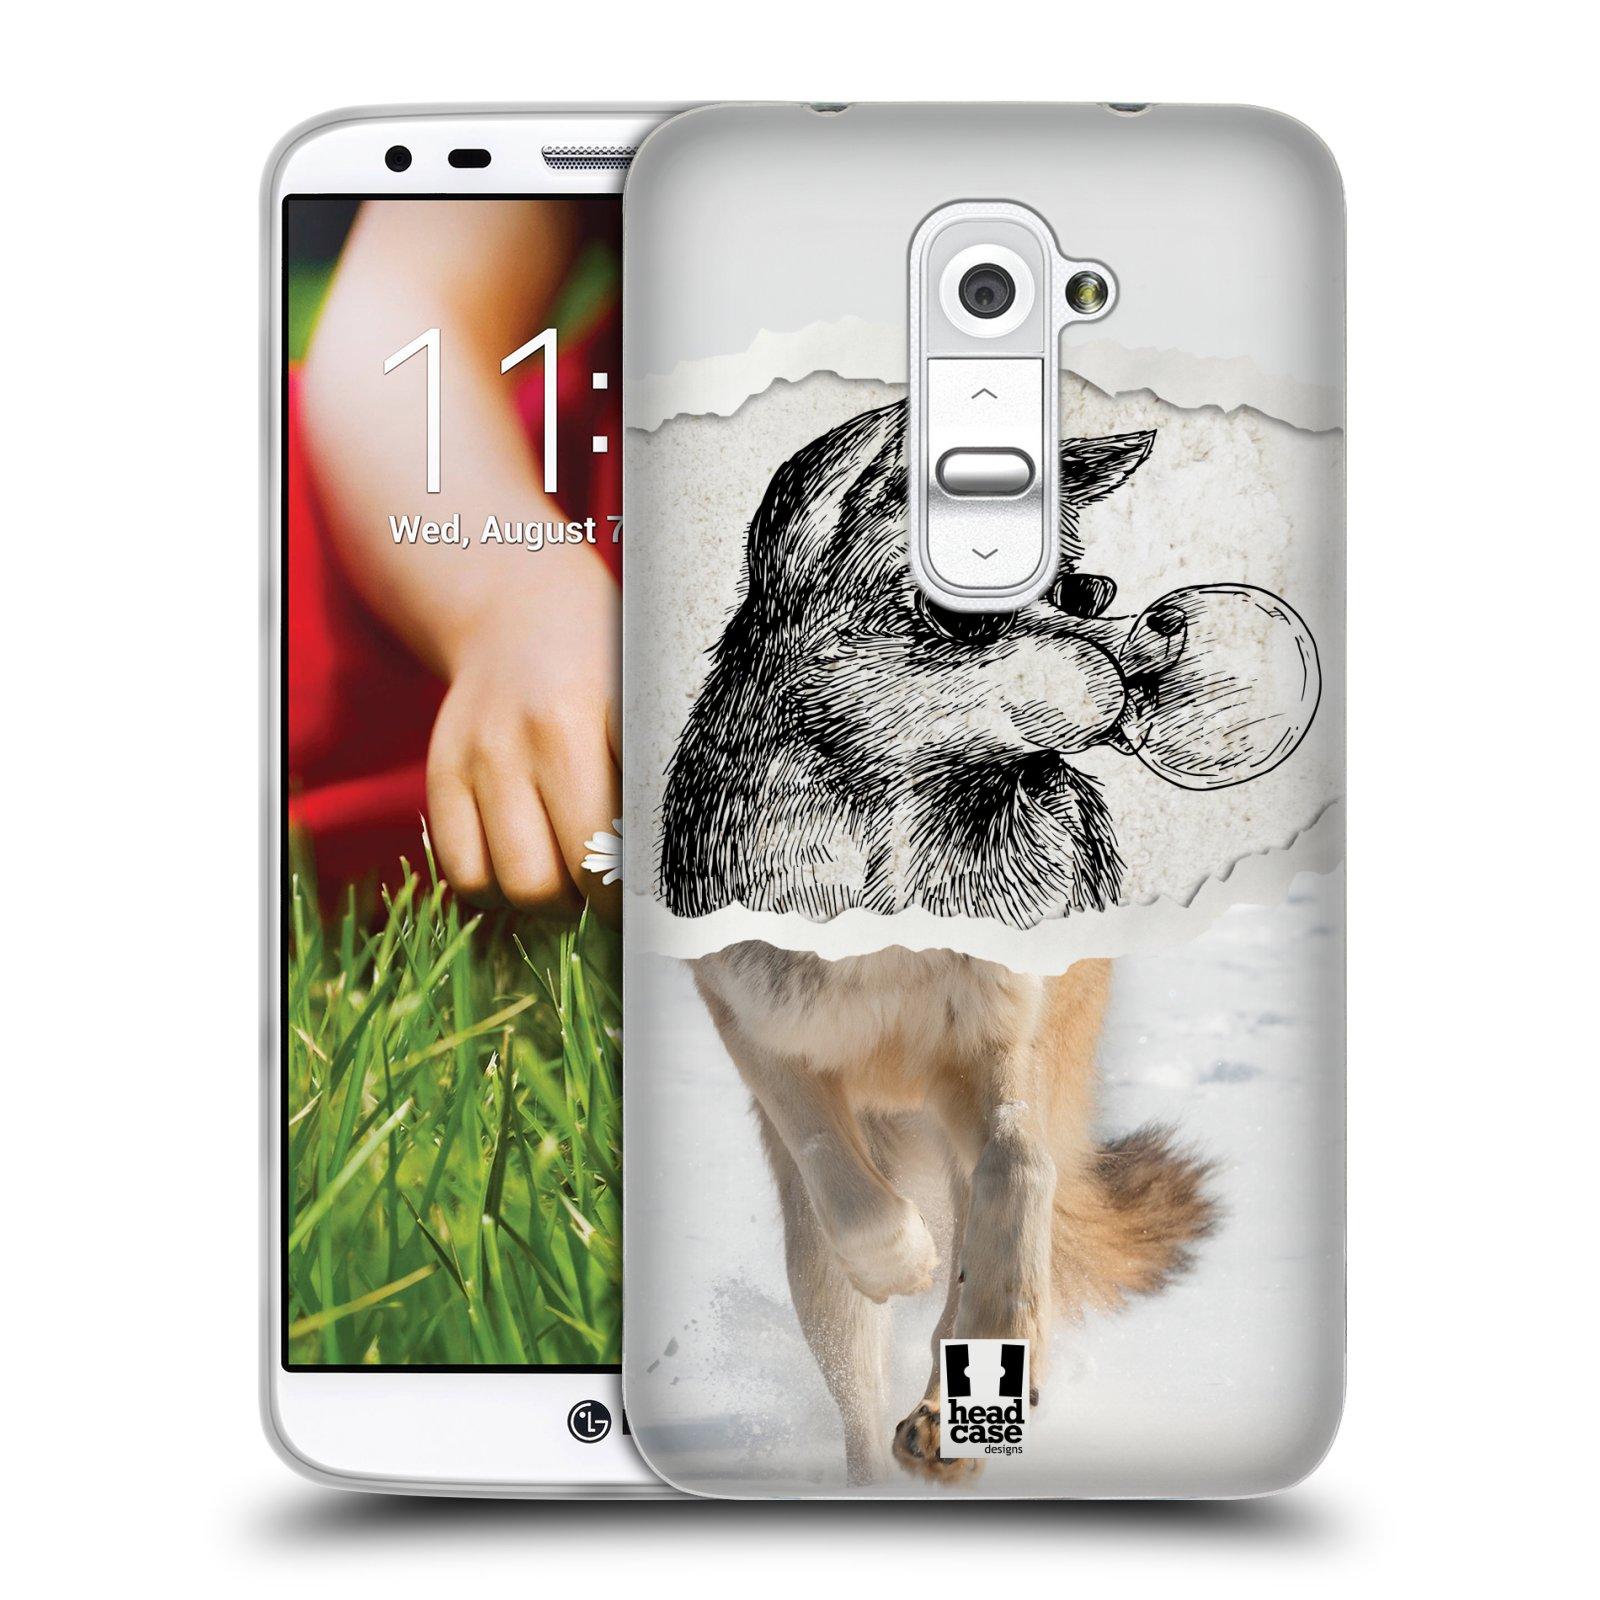 HEAD CASE silikonový obal na mobil LG G2 vzor zvířata koláž vlk pohodář